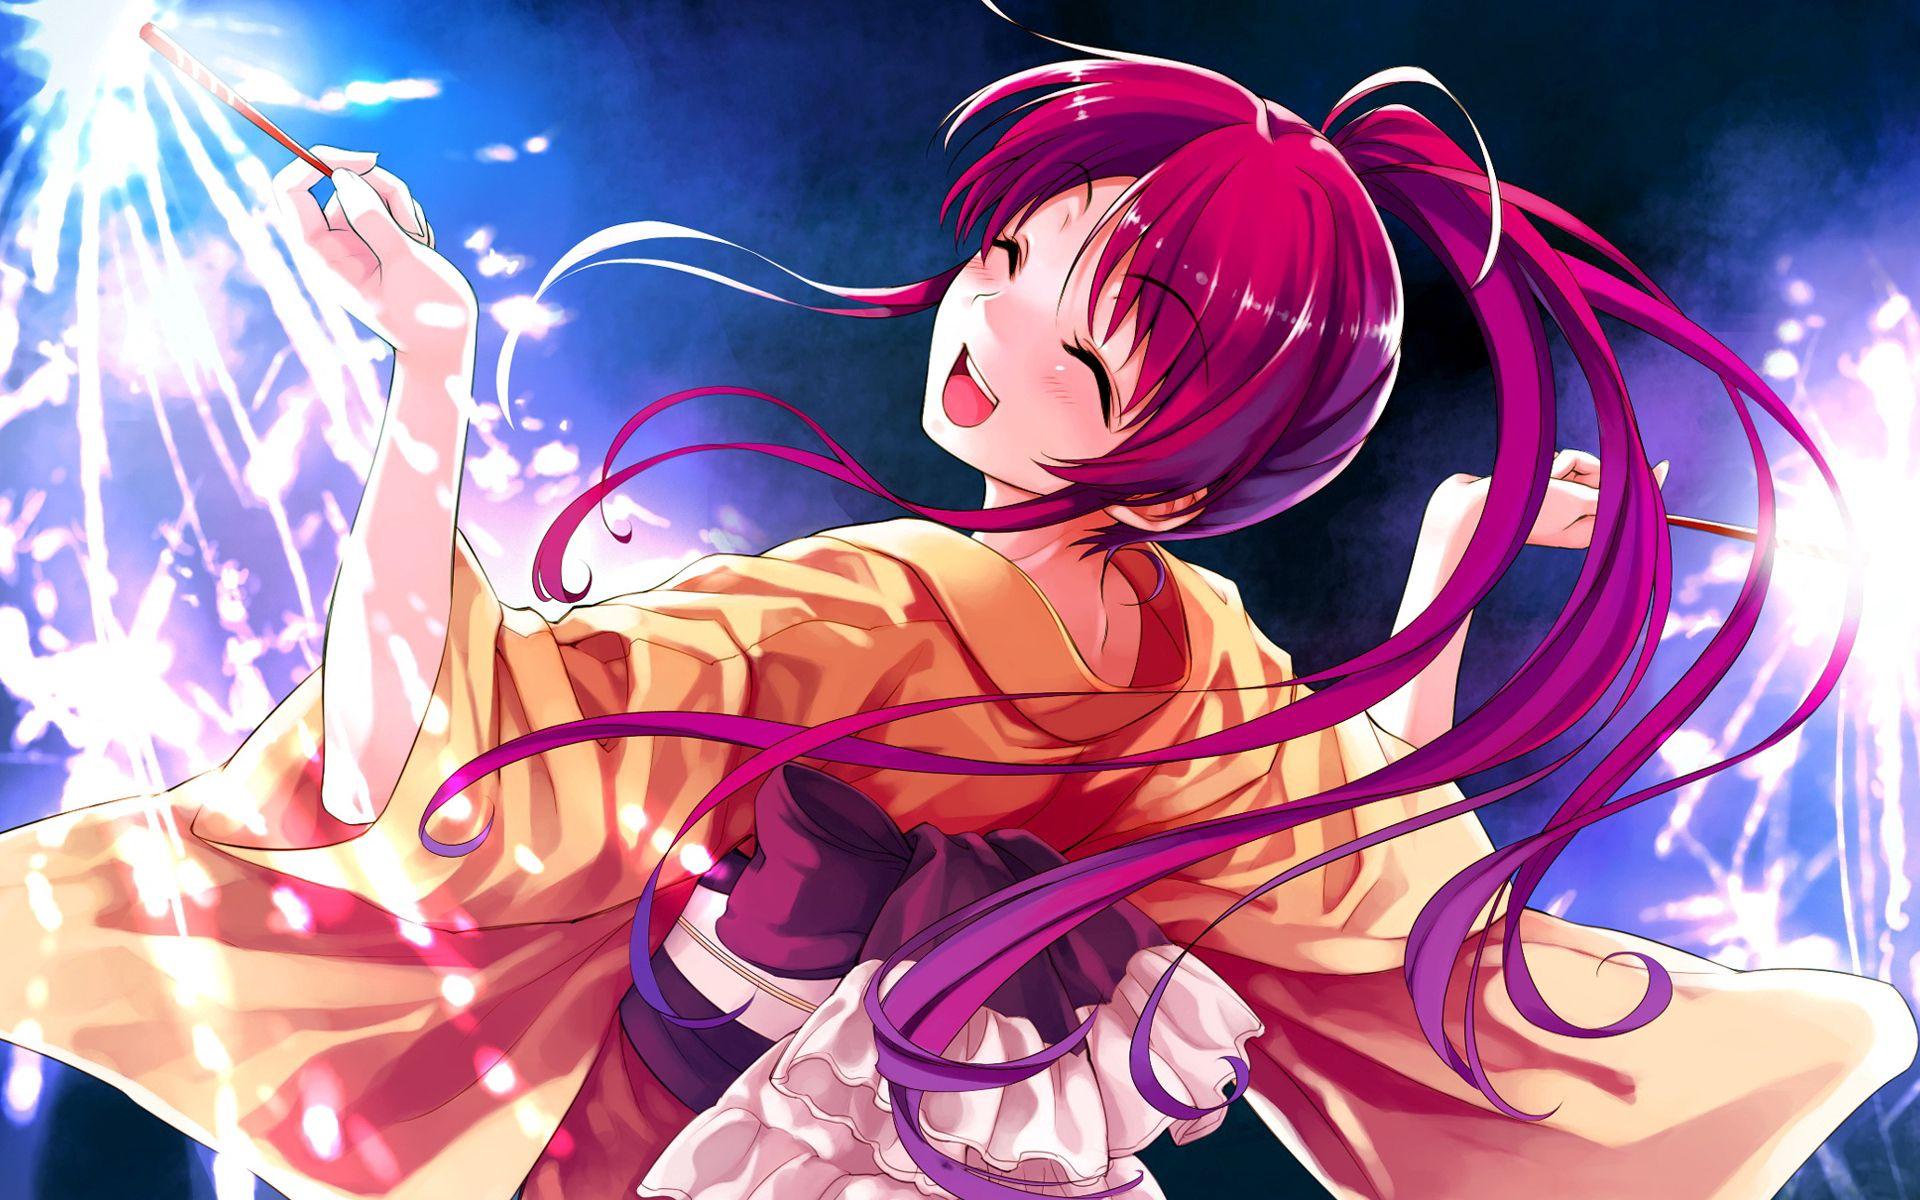 63316壁紙のダウンロード日本製アニメ, 女の子, ヘア, 毛, 赤い, 着物, ライト-スクリーンセーバーと写真を無料で